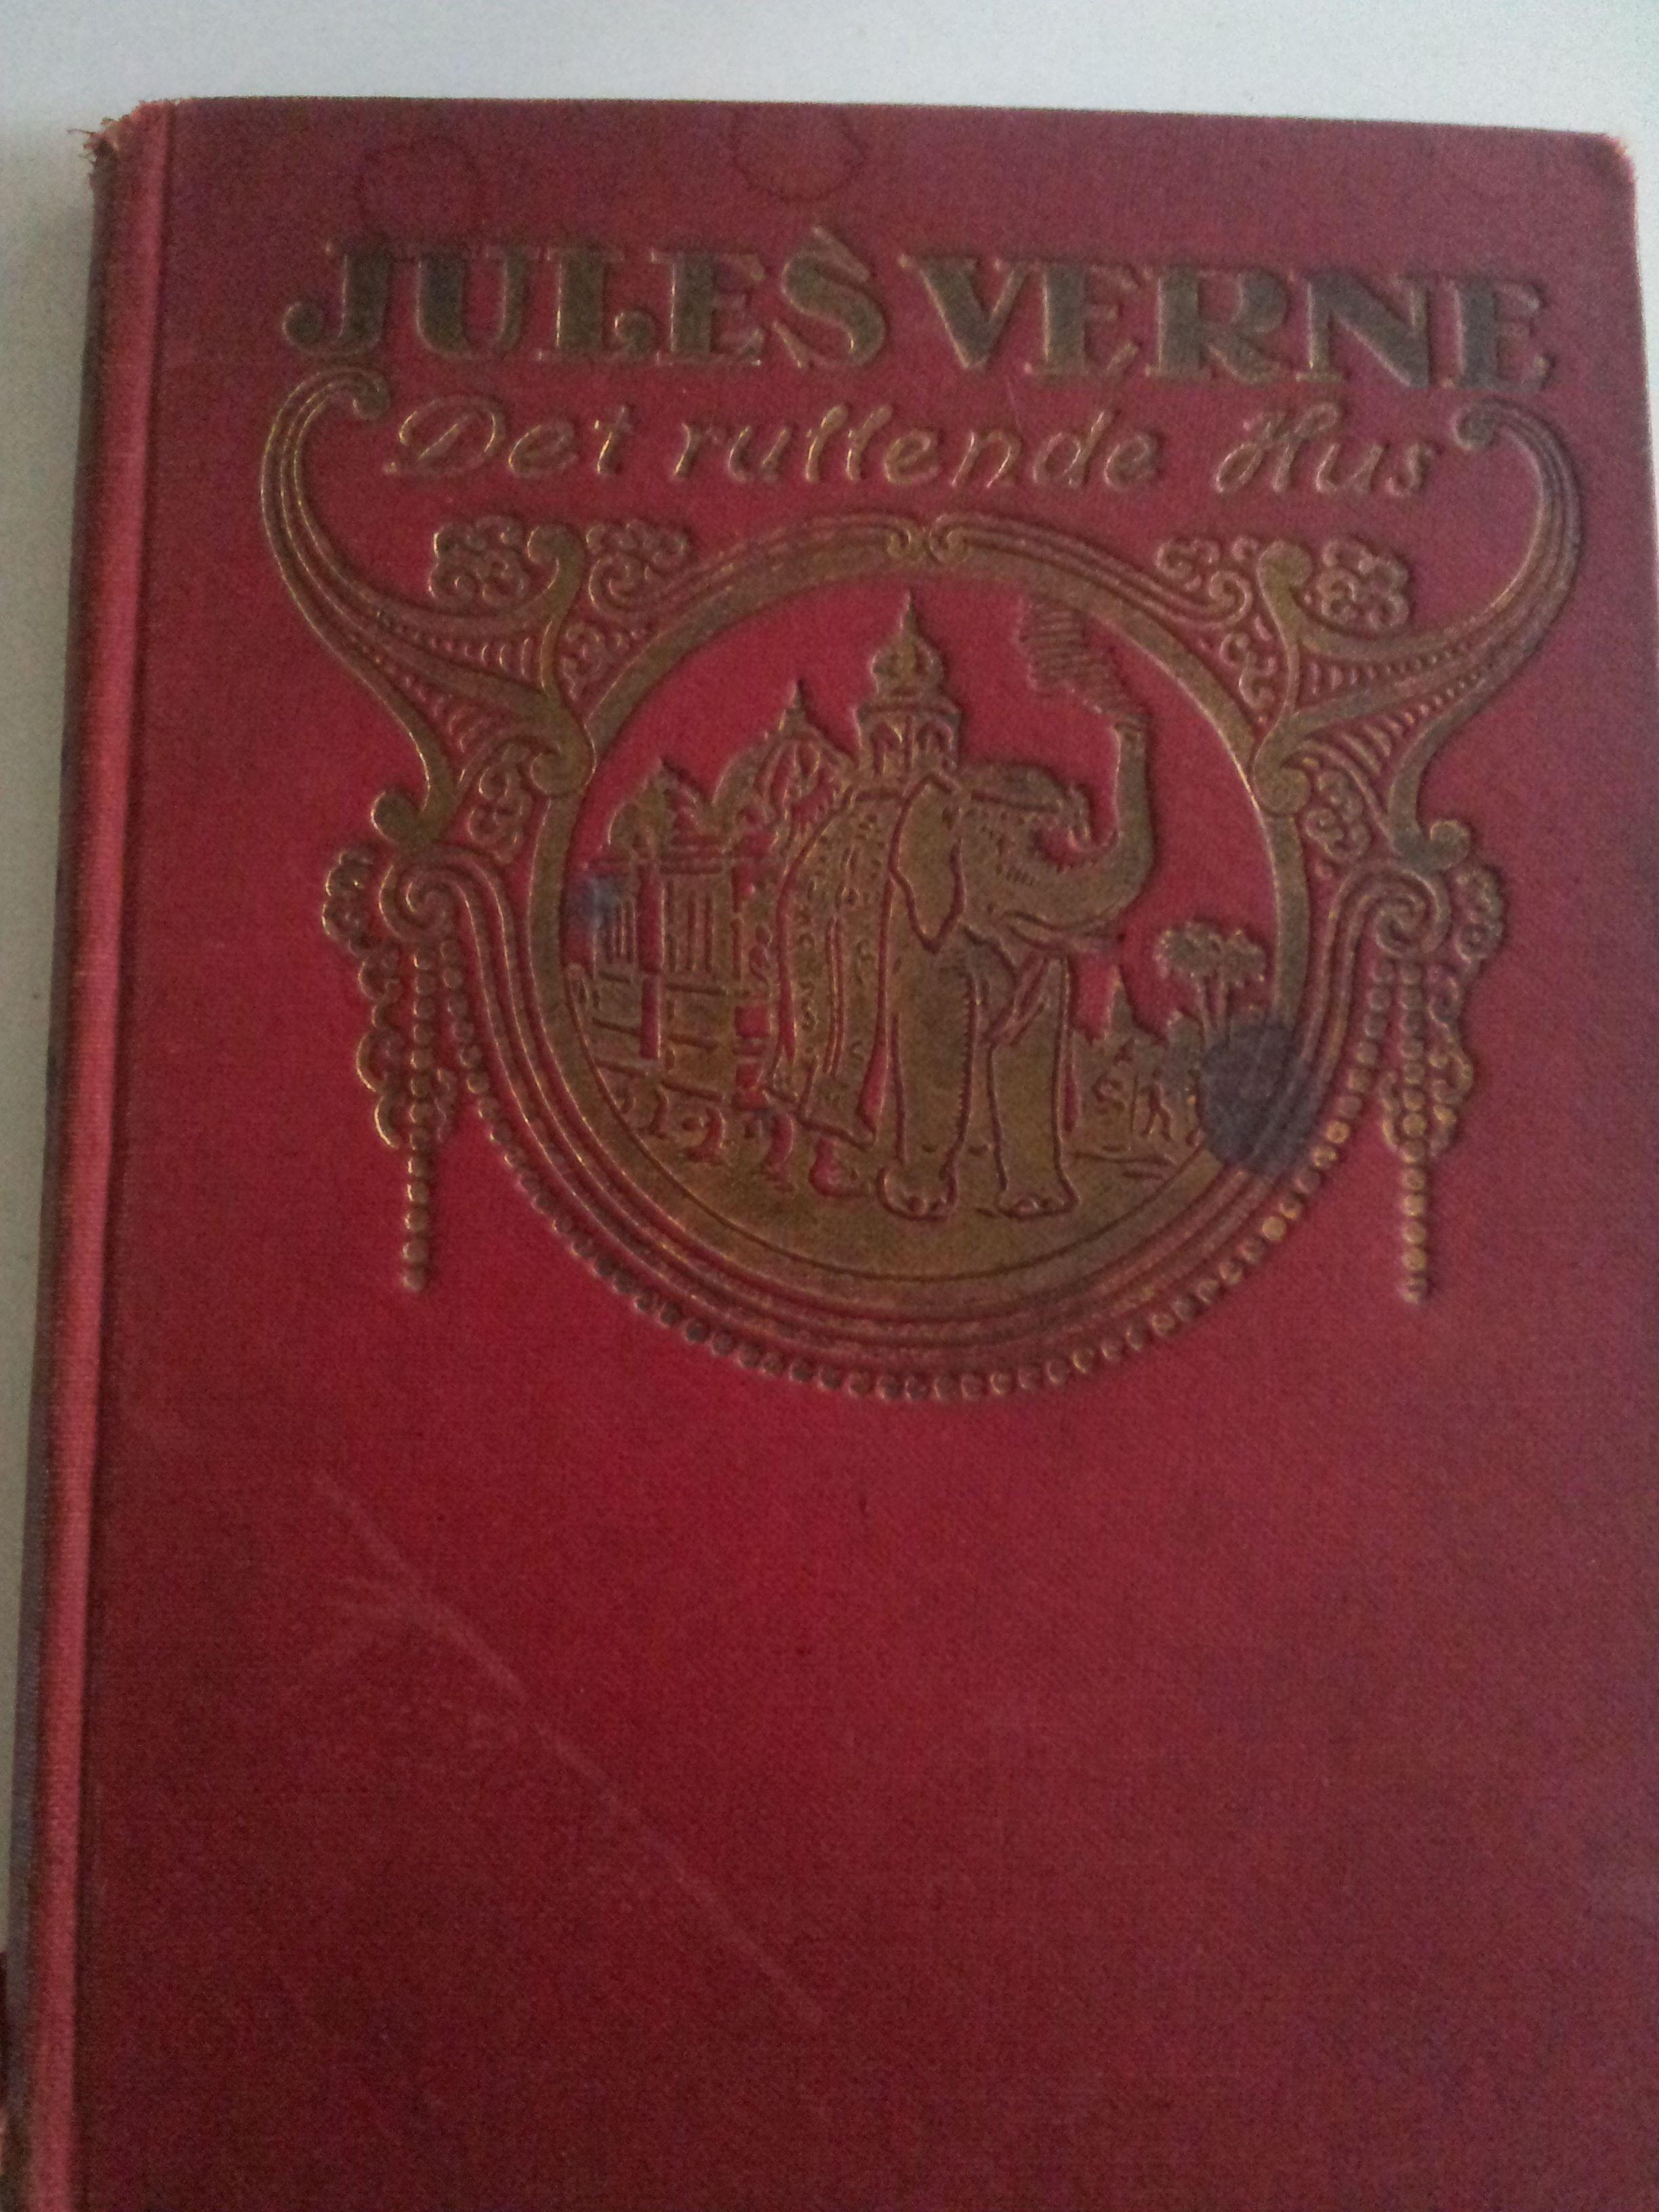 bøger af jules verne